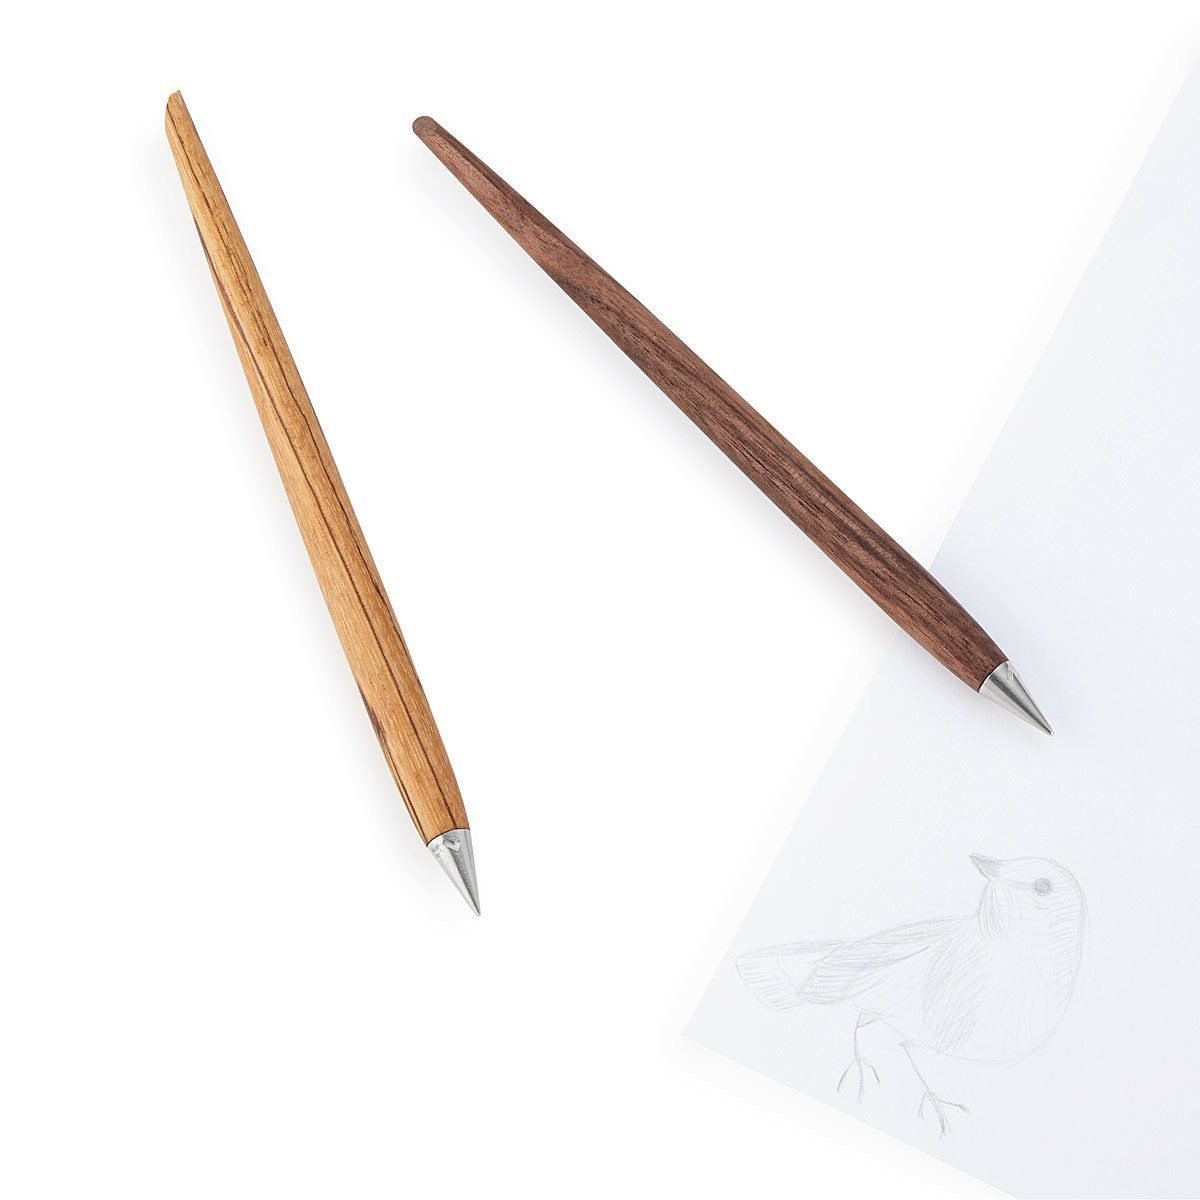 Wooden Inkless Pen